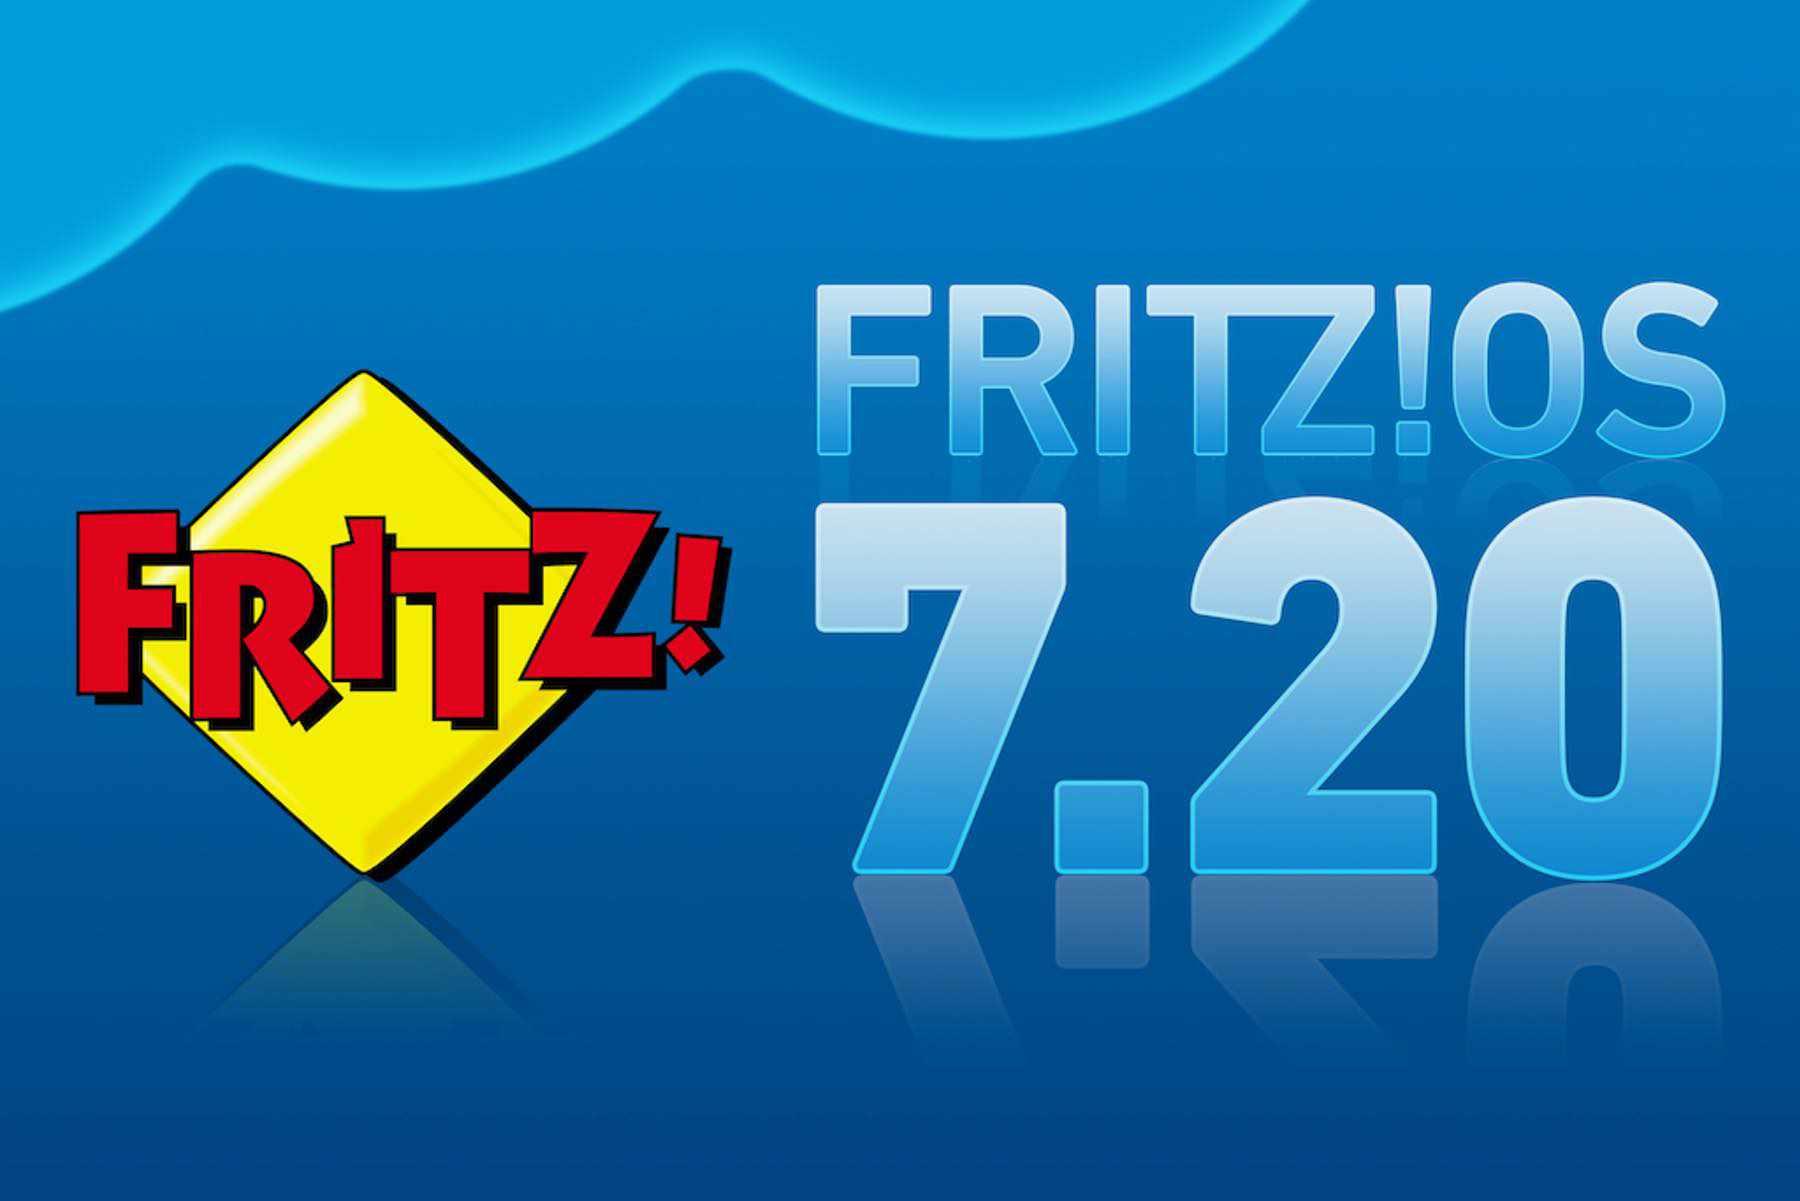 FRITZ!OS 7.20 – Ab sofort für die FRITZ!Box 7590, 7530 und 7520 verfügbar